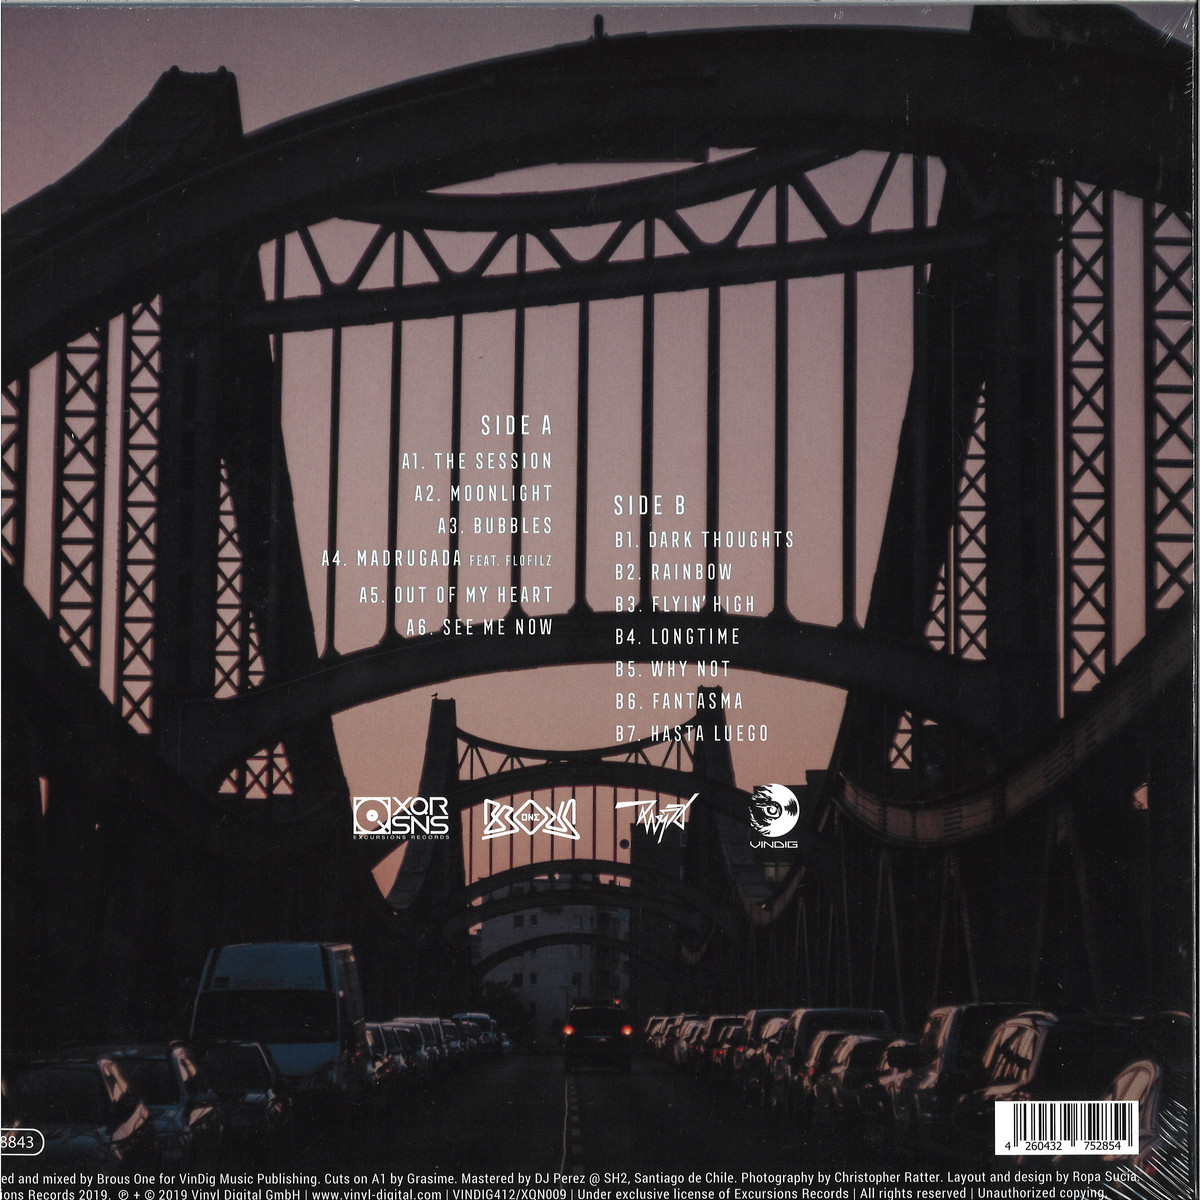 Brous One - Cityscapes / XQRSNS / VINYL DIGITAL XQN009 - Vinyl